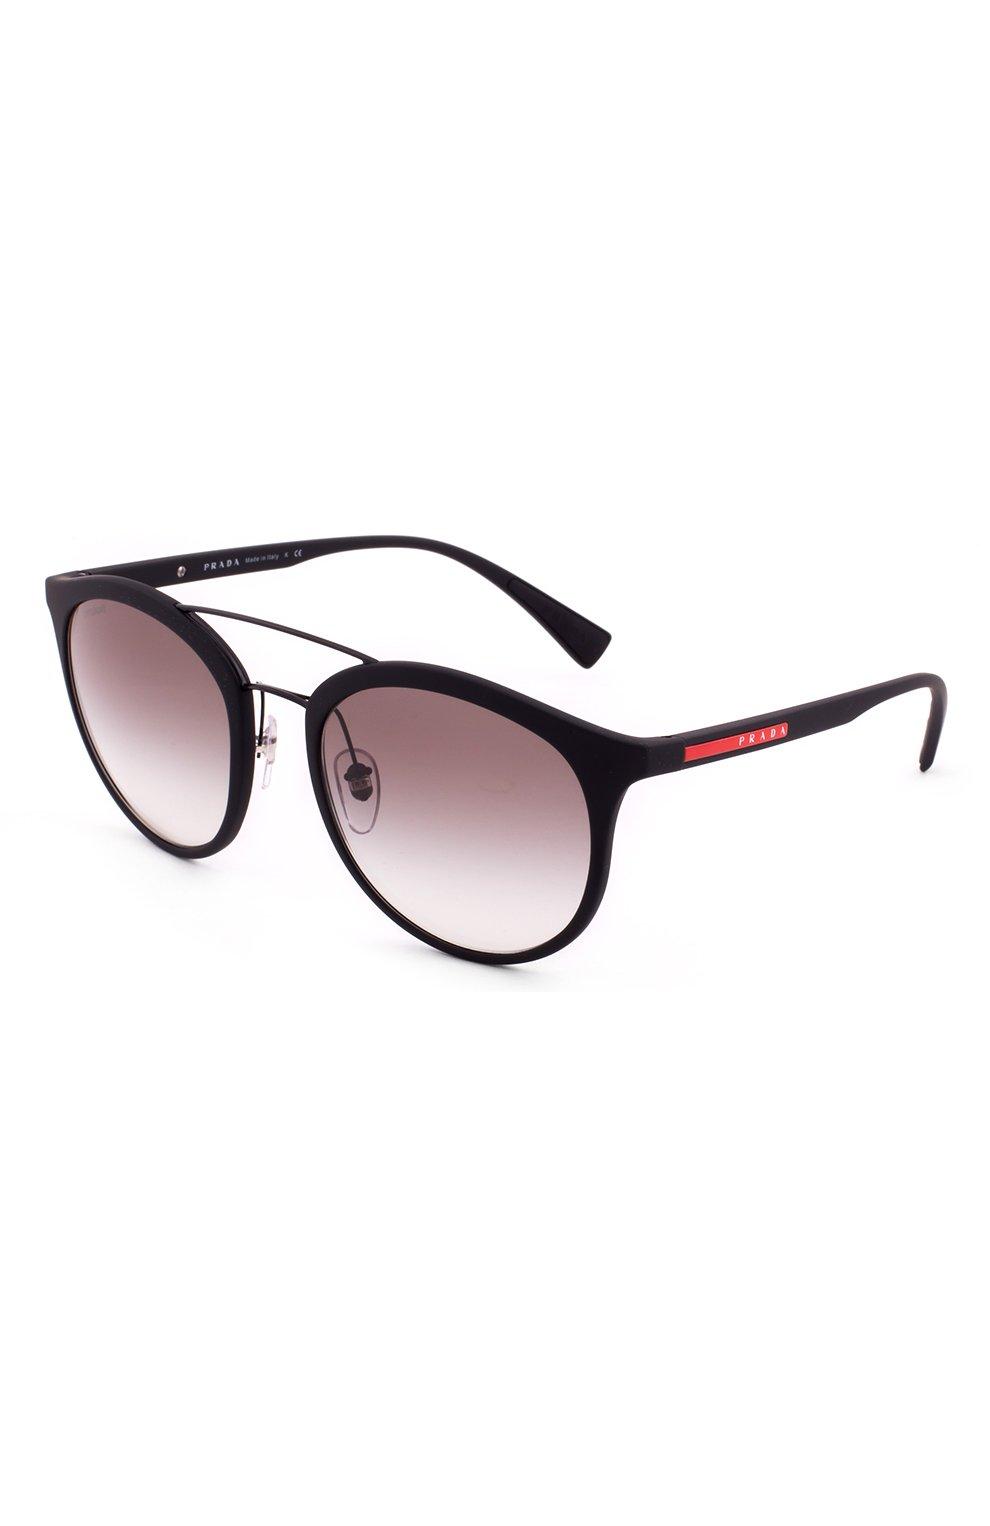 57ed603af2d6 Мужские черные солнцезащитные очки prada linea rossa PRADA — купить ...